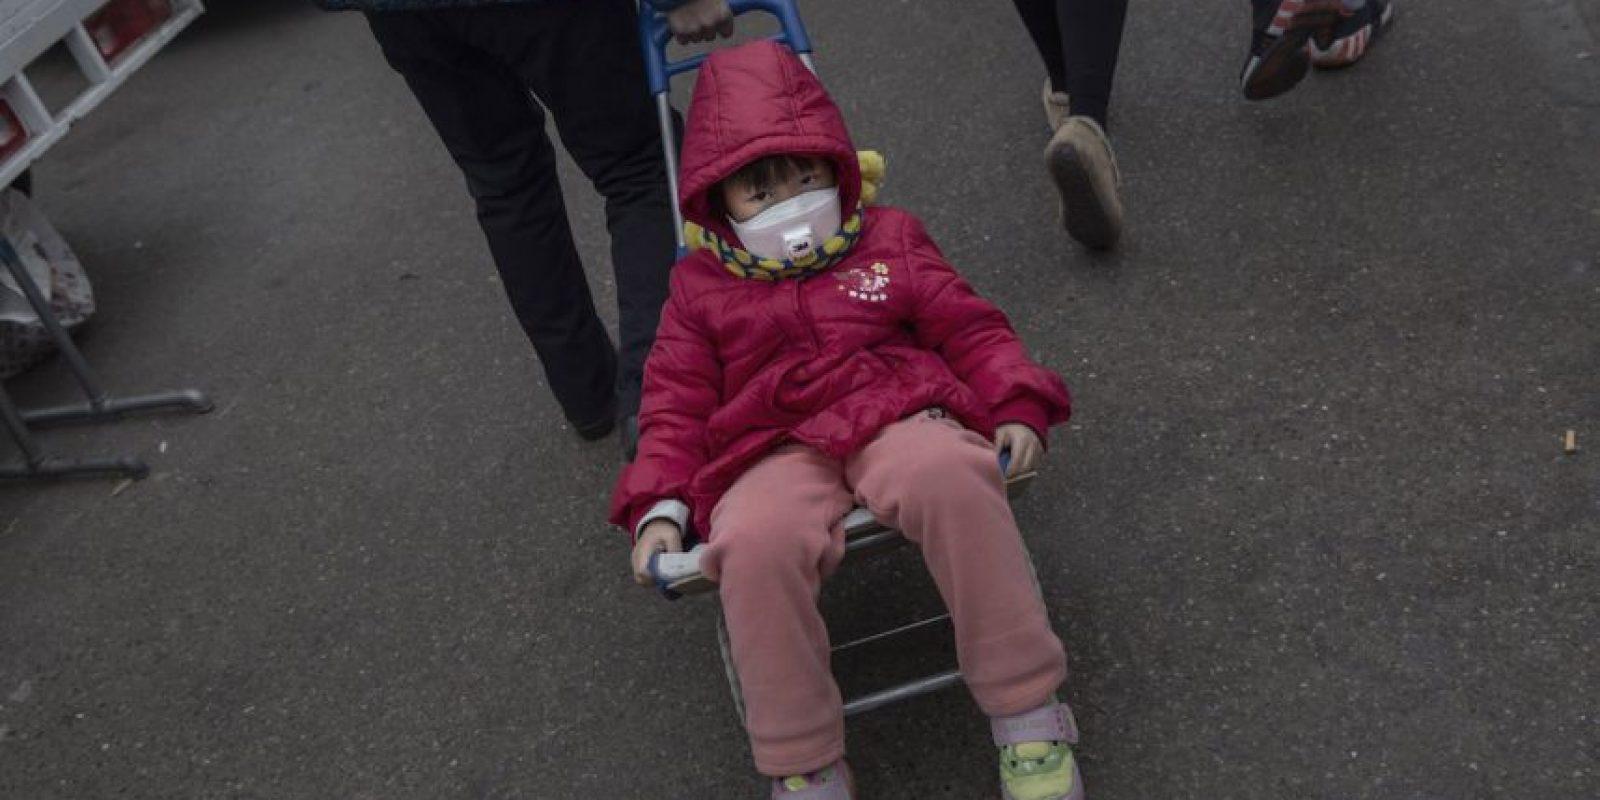 En mayo de este año, el gobierno lanzó una campaña en contra del aborto selectivo, práctica realizada por mujeres quienes se enteran que su futuro bebé será niña. Foto:Getty Images